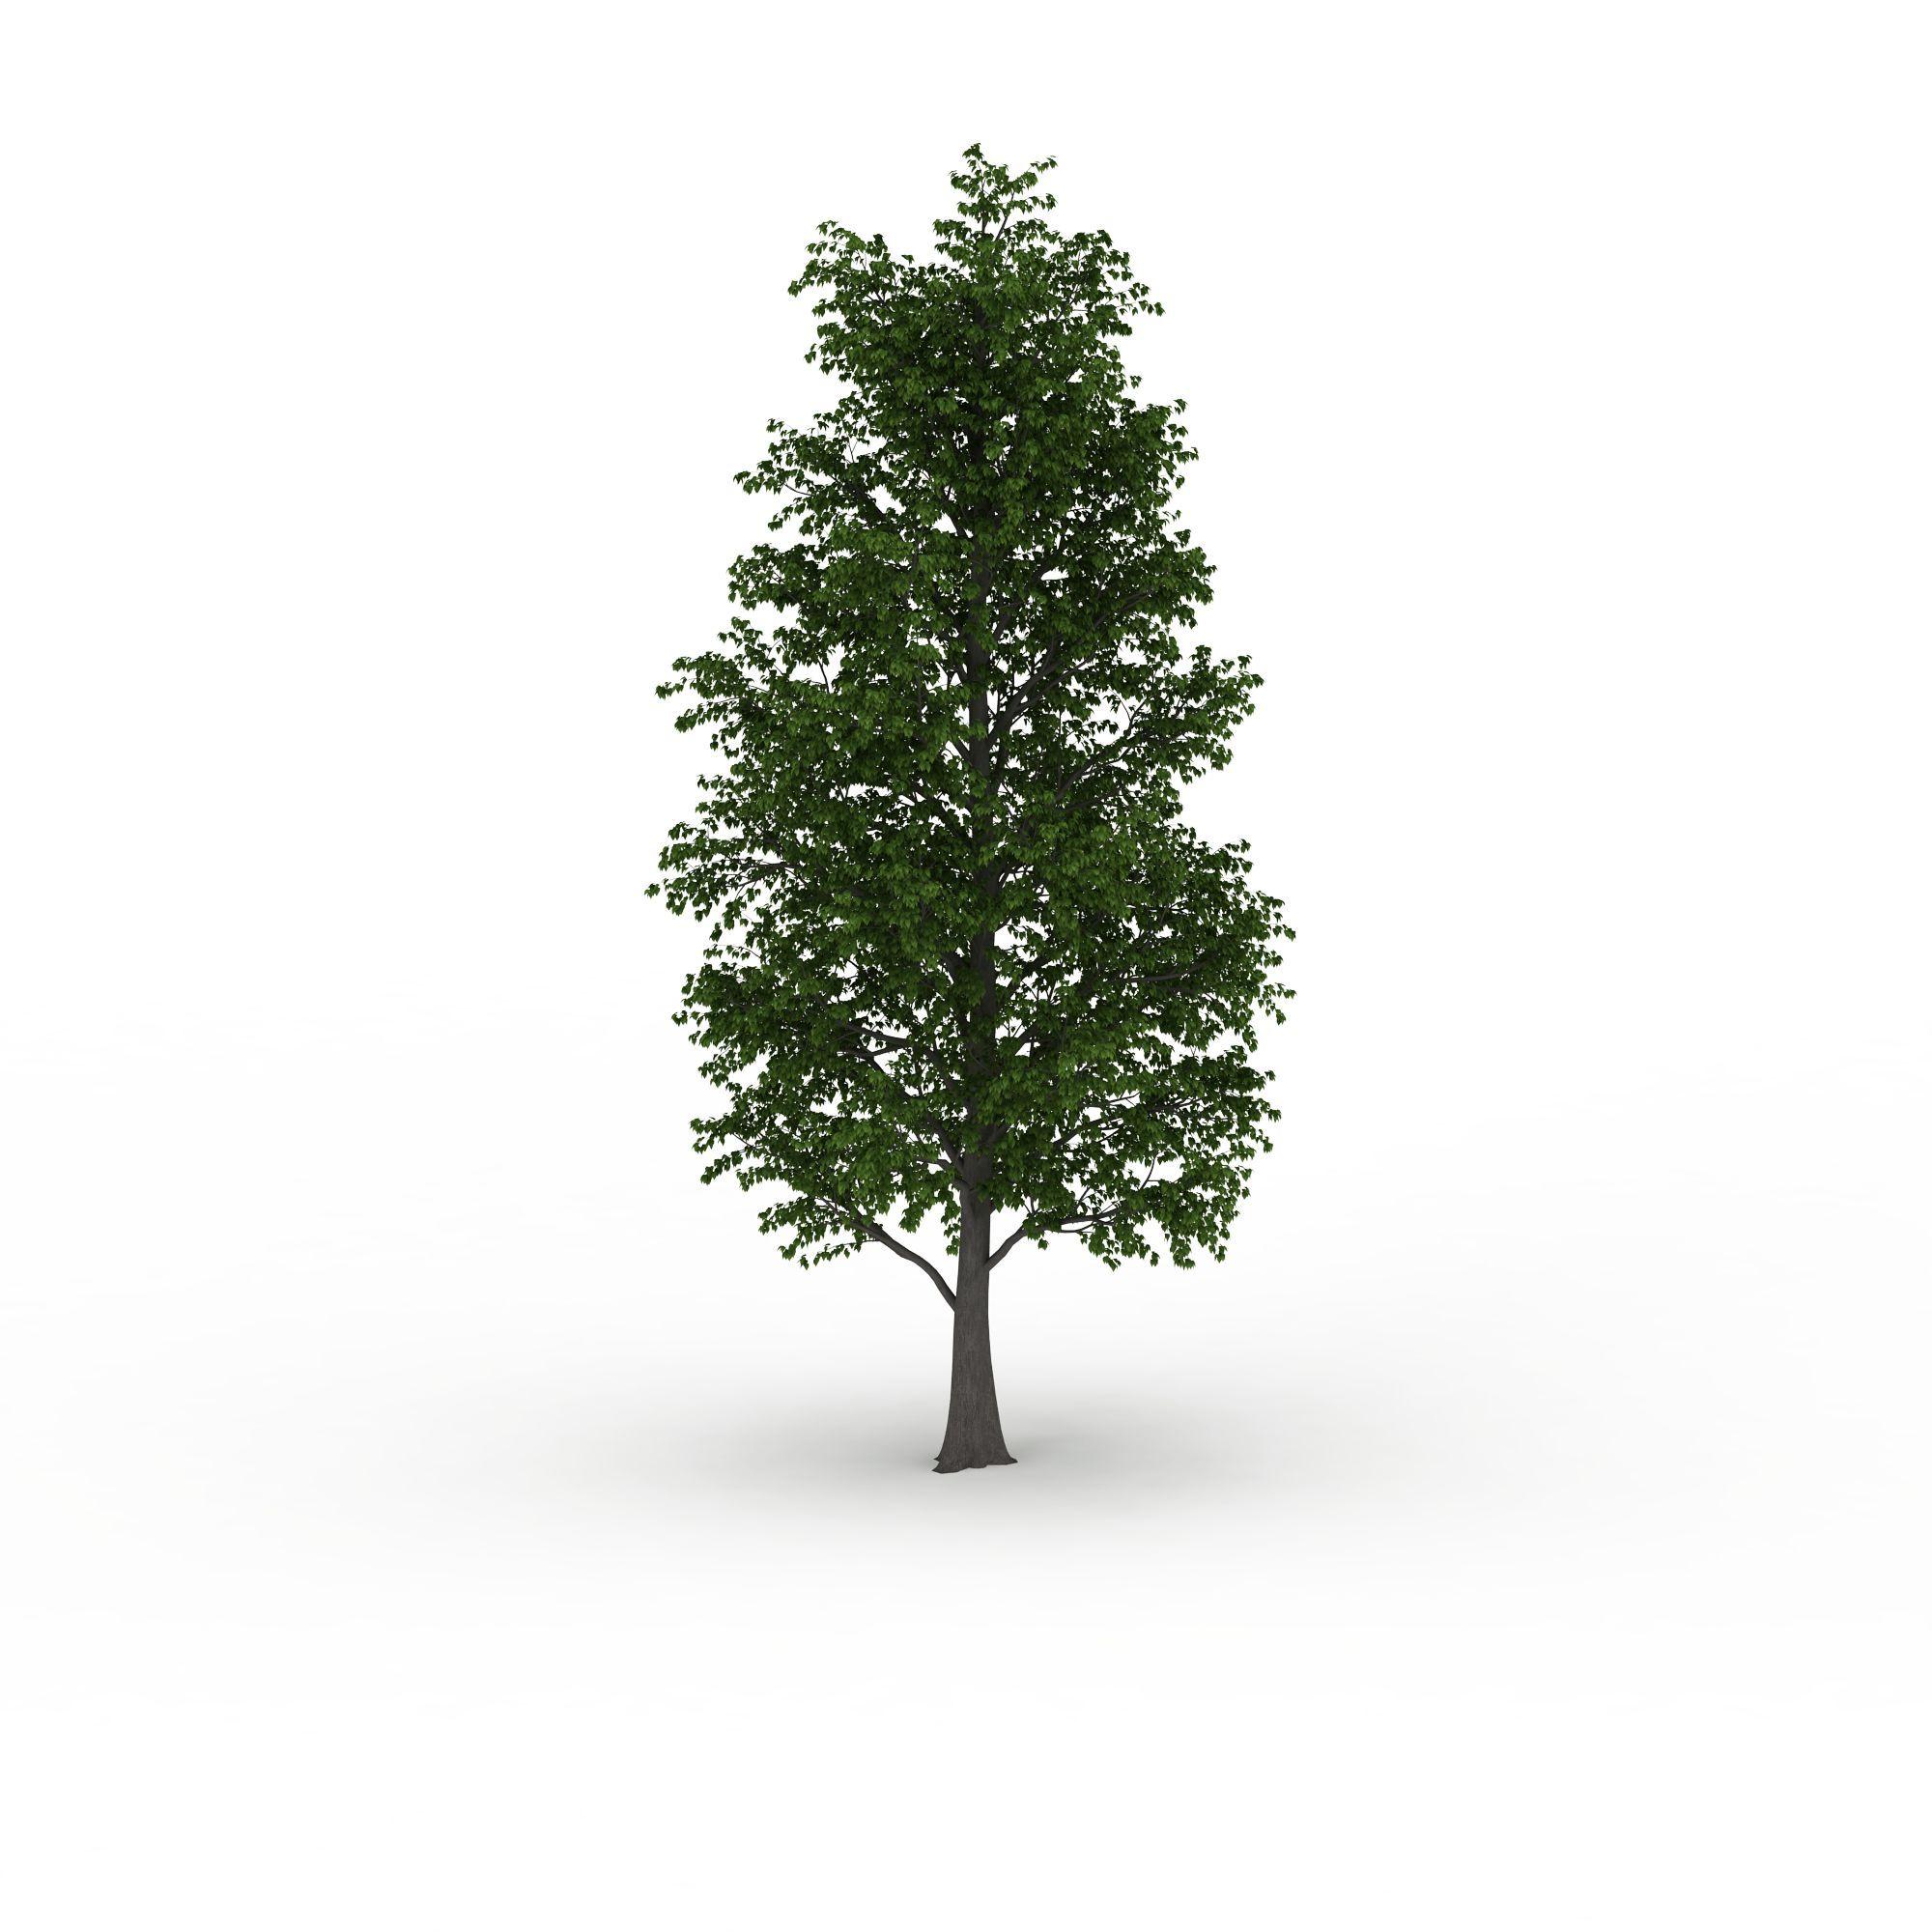 室外装饰树图片_室外装饰树png图片素材_室外装饰树图